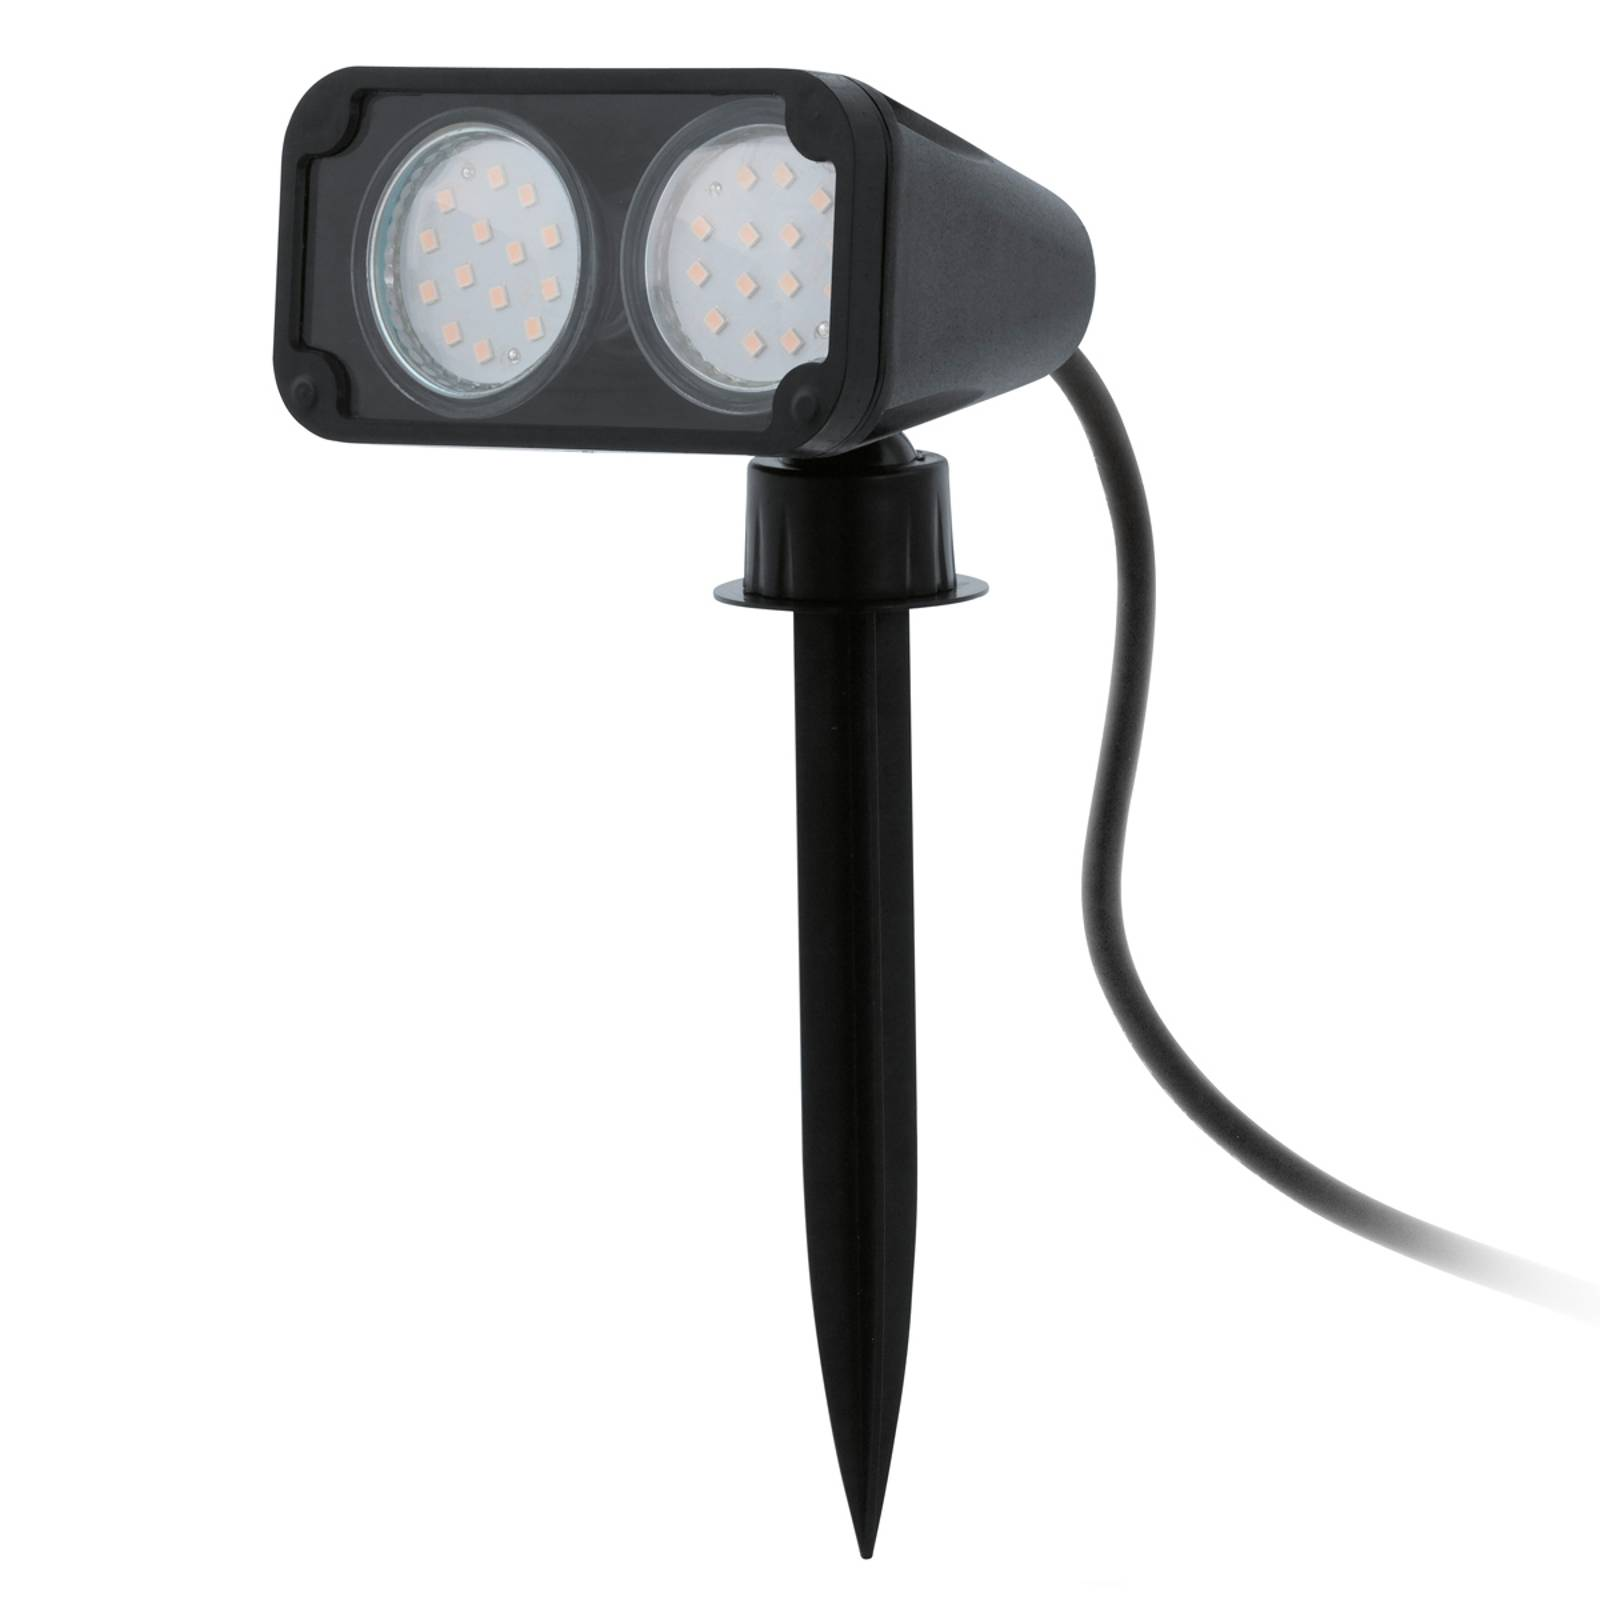 Kaksilamppuinen Nema LED-maapiikkivalaisin